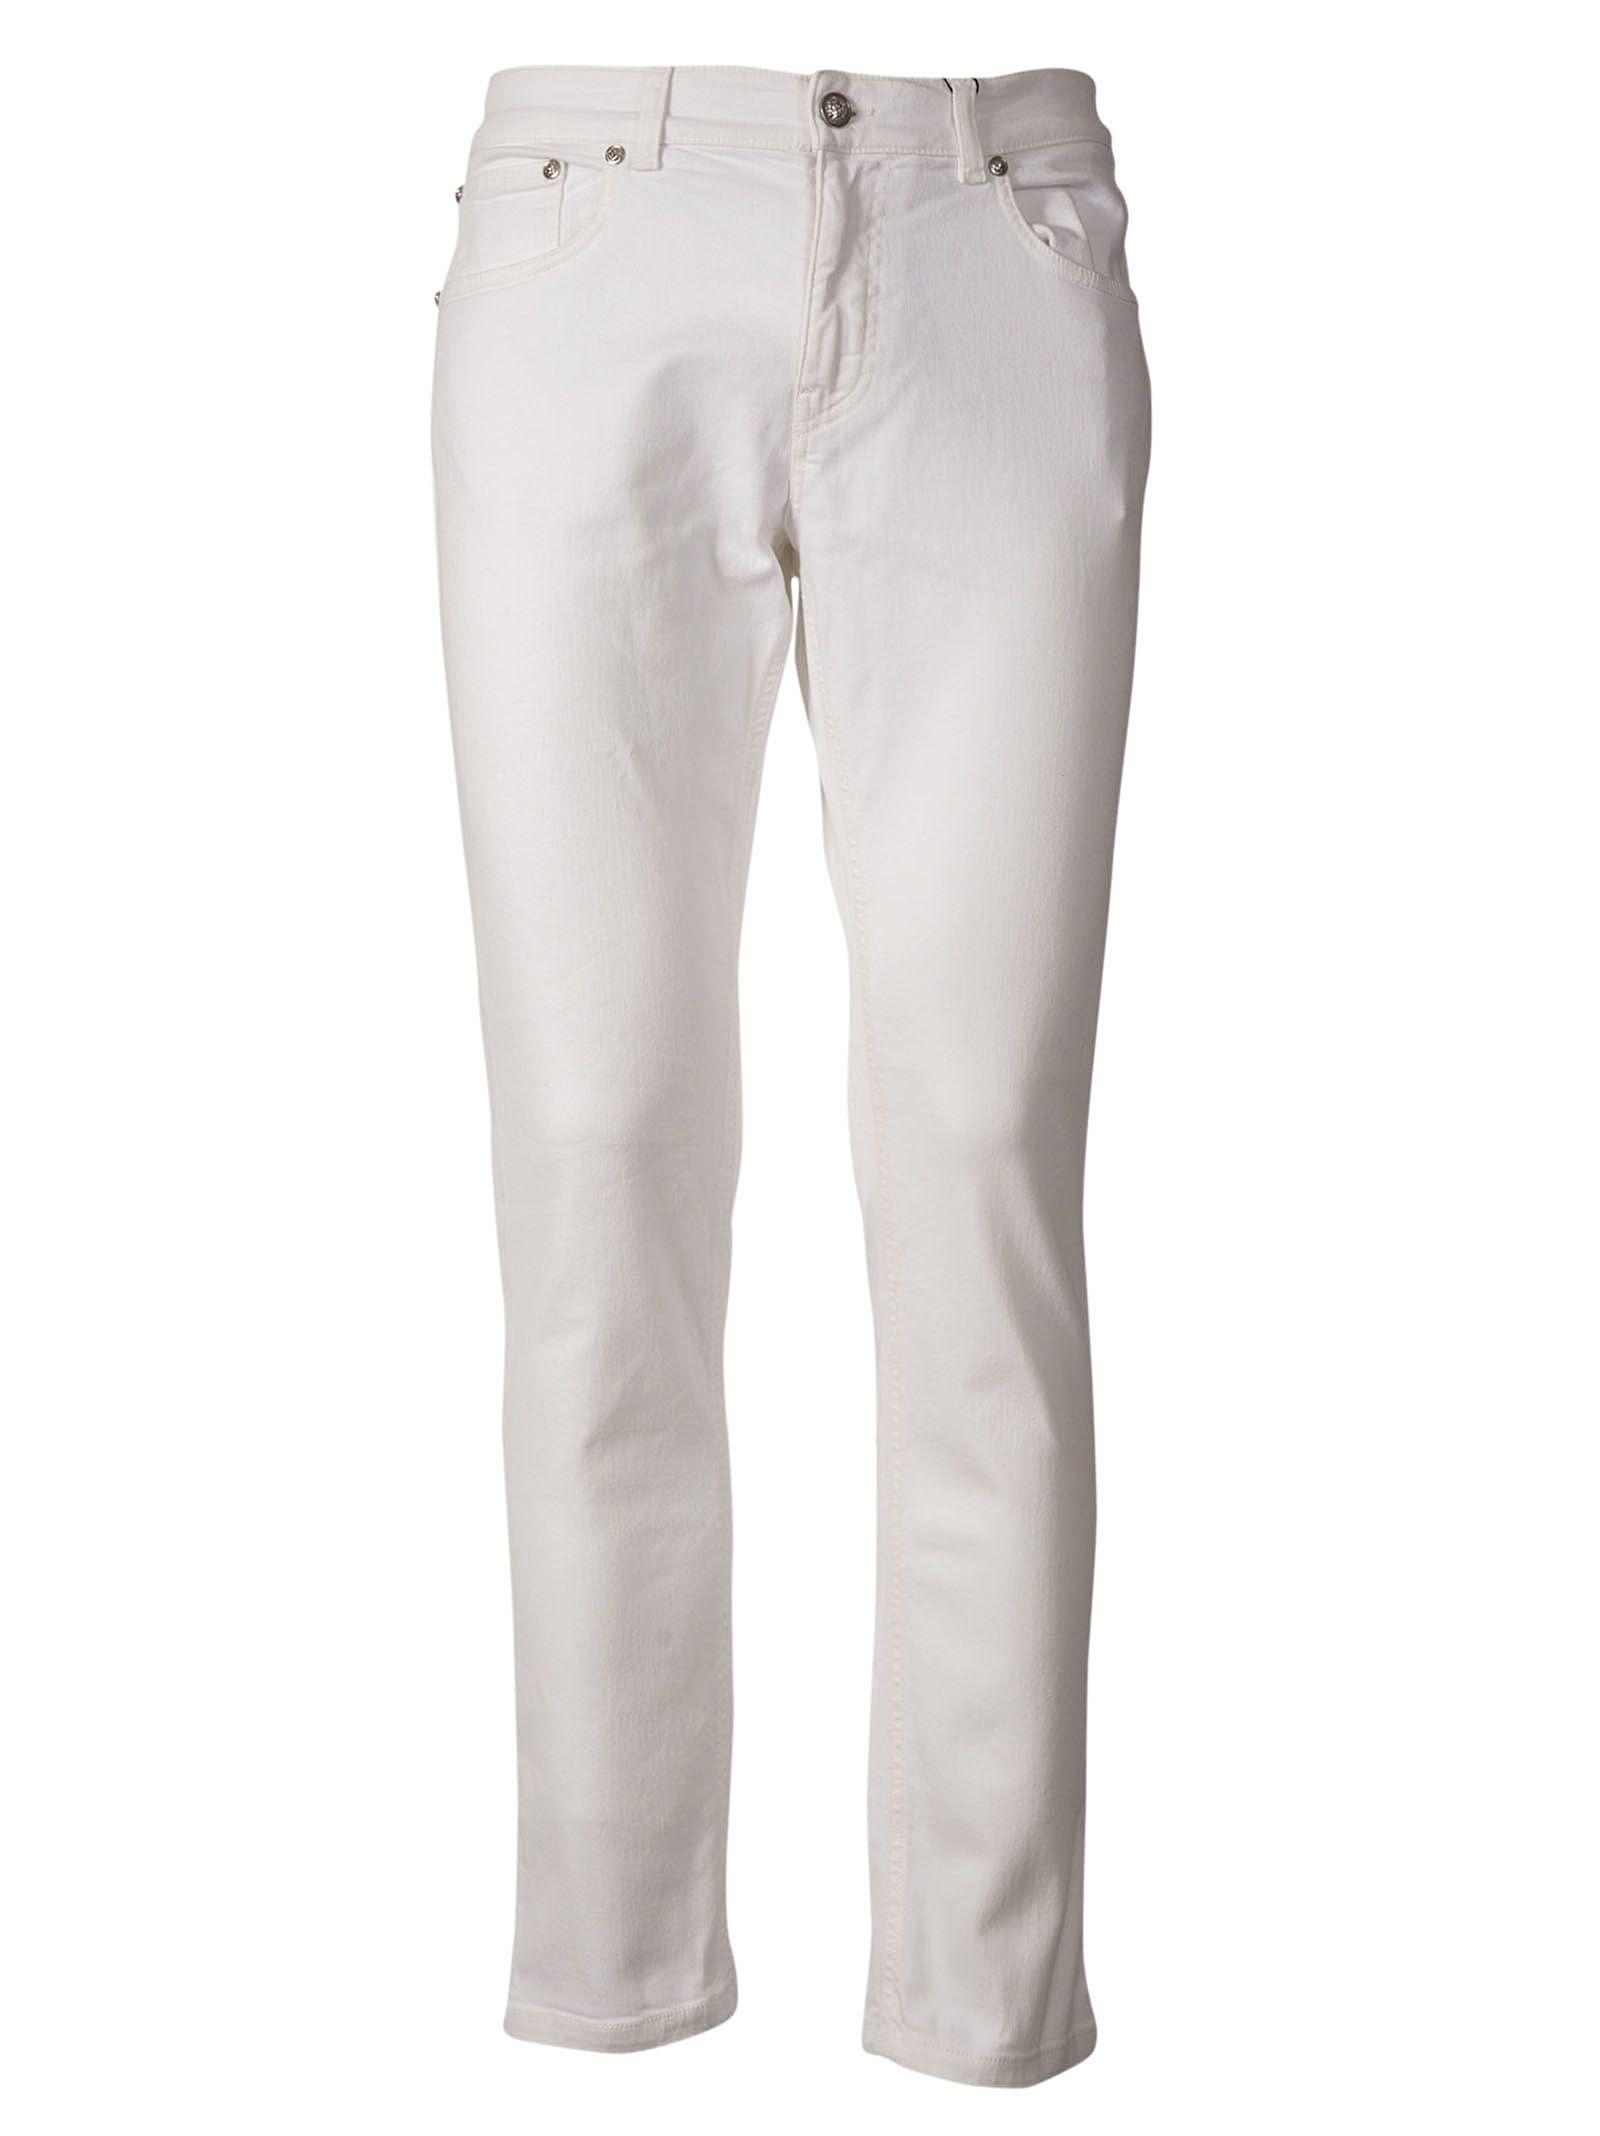 Versace Cotton Denim Jeans